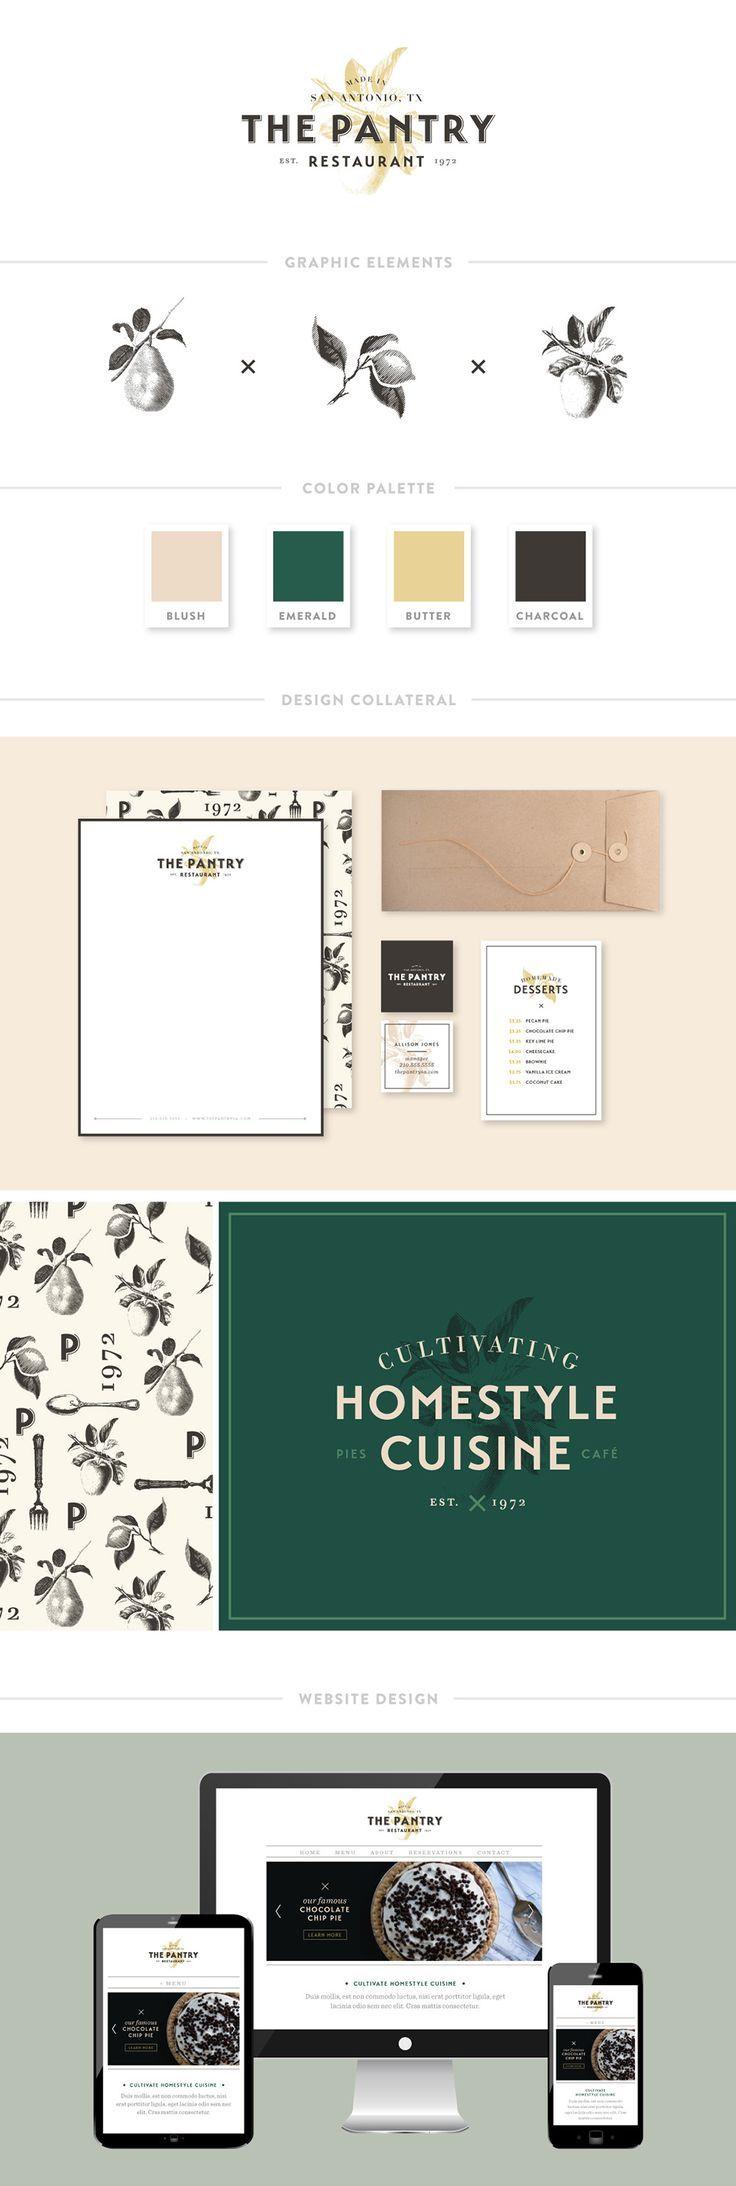 Portfolio: The Pantry Branding